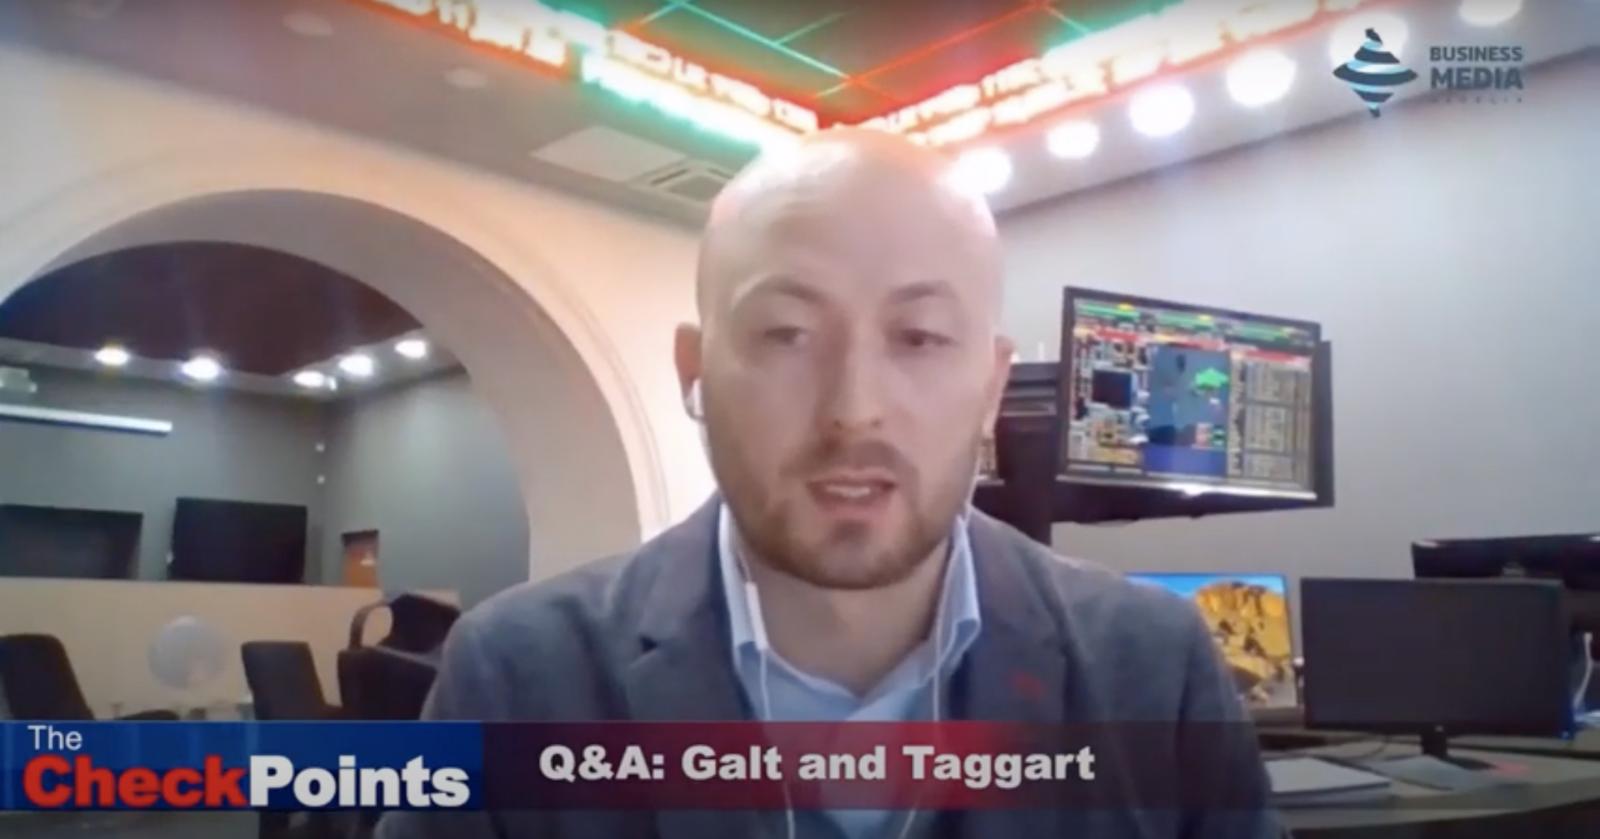 G&T Unpacks the New Client Portal Platform